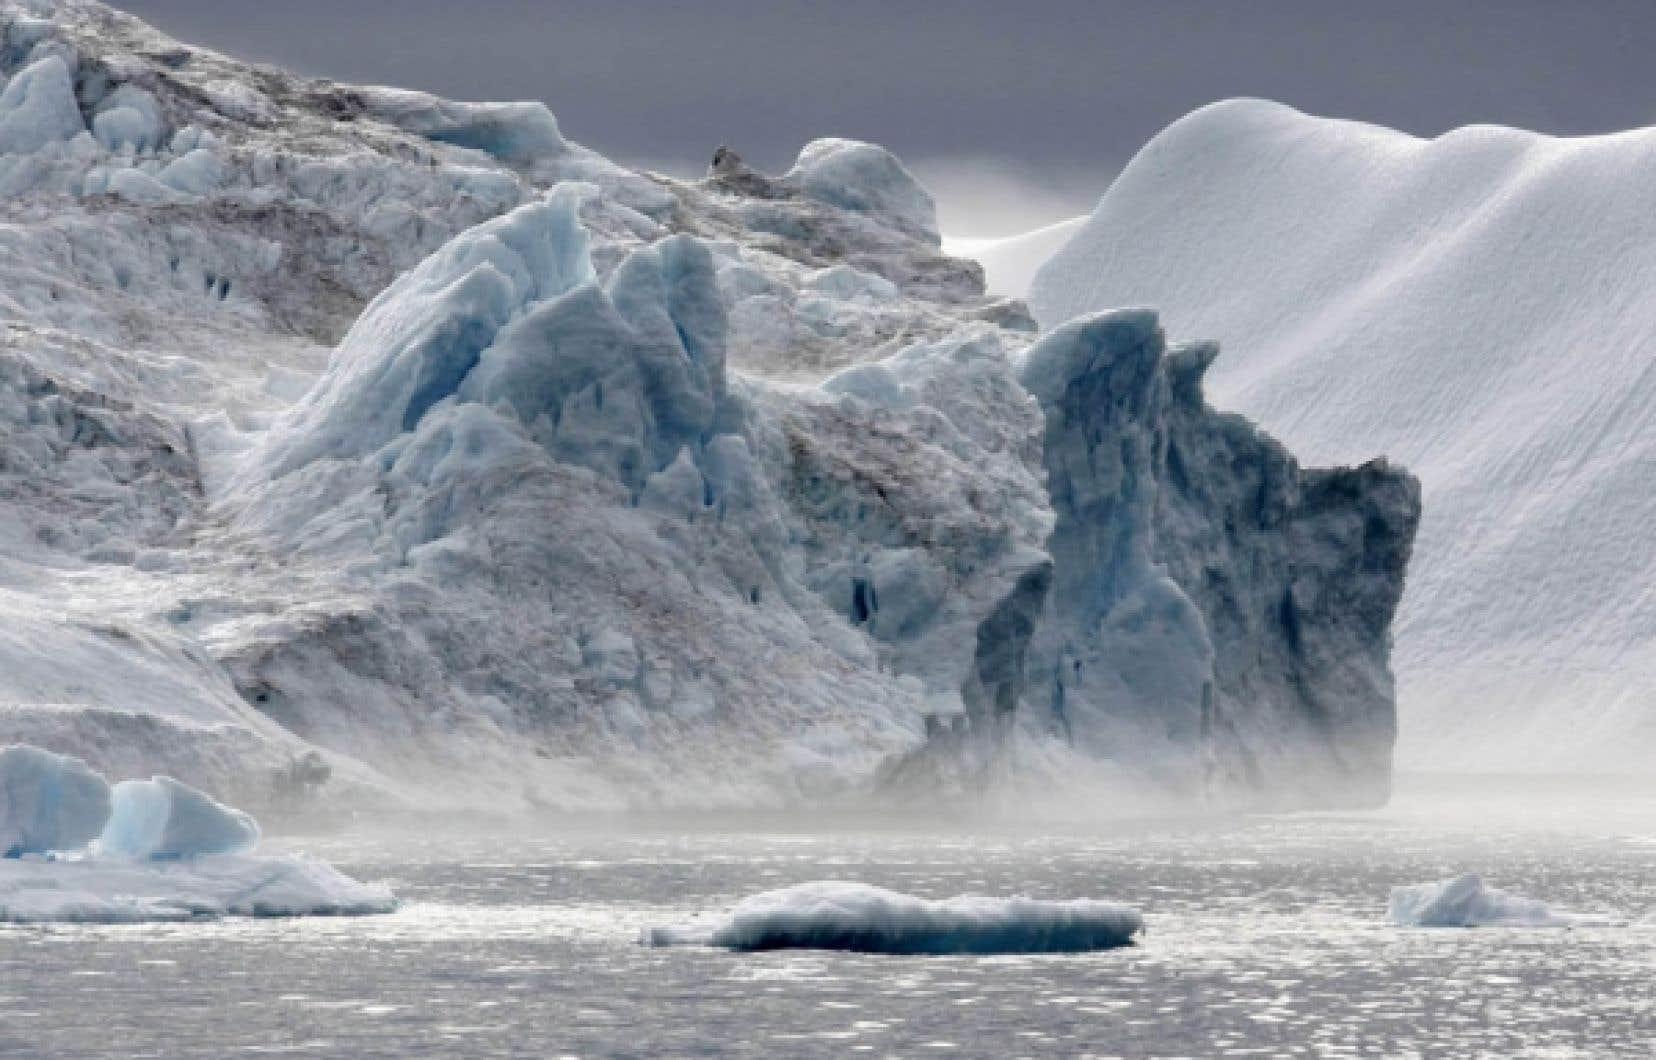 Dans l'océan Arctique, l'étendue de la glace marine permanente a enregistré une troisième baisse depuis le début des mesures satellitaires il y a 30 ans.